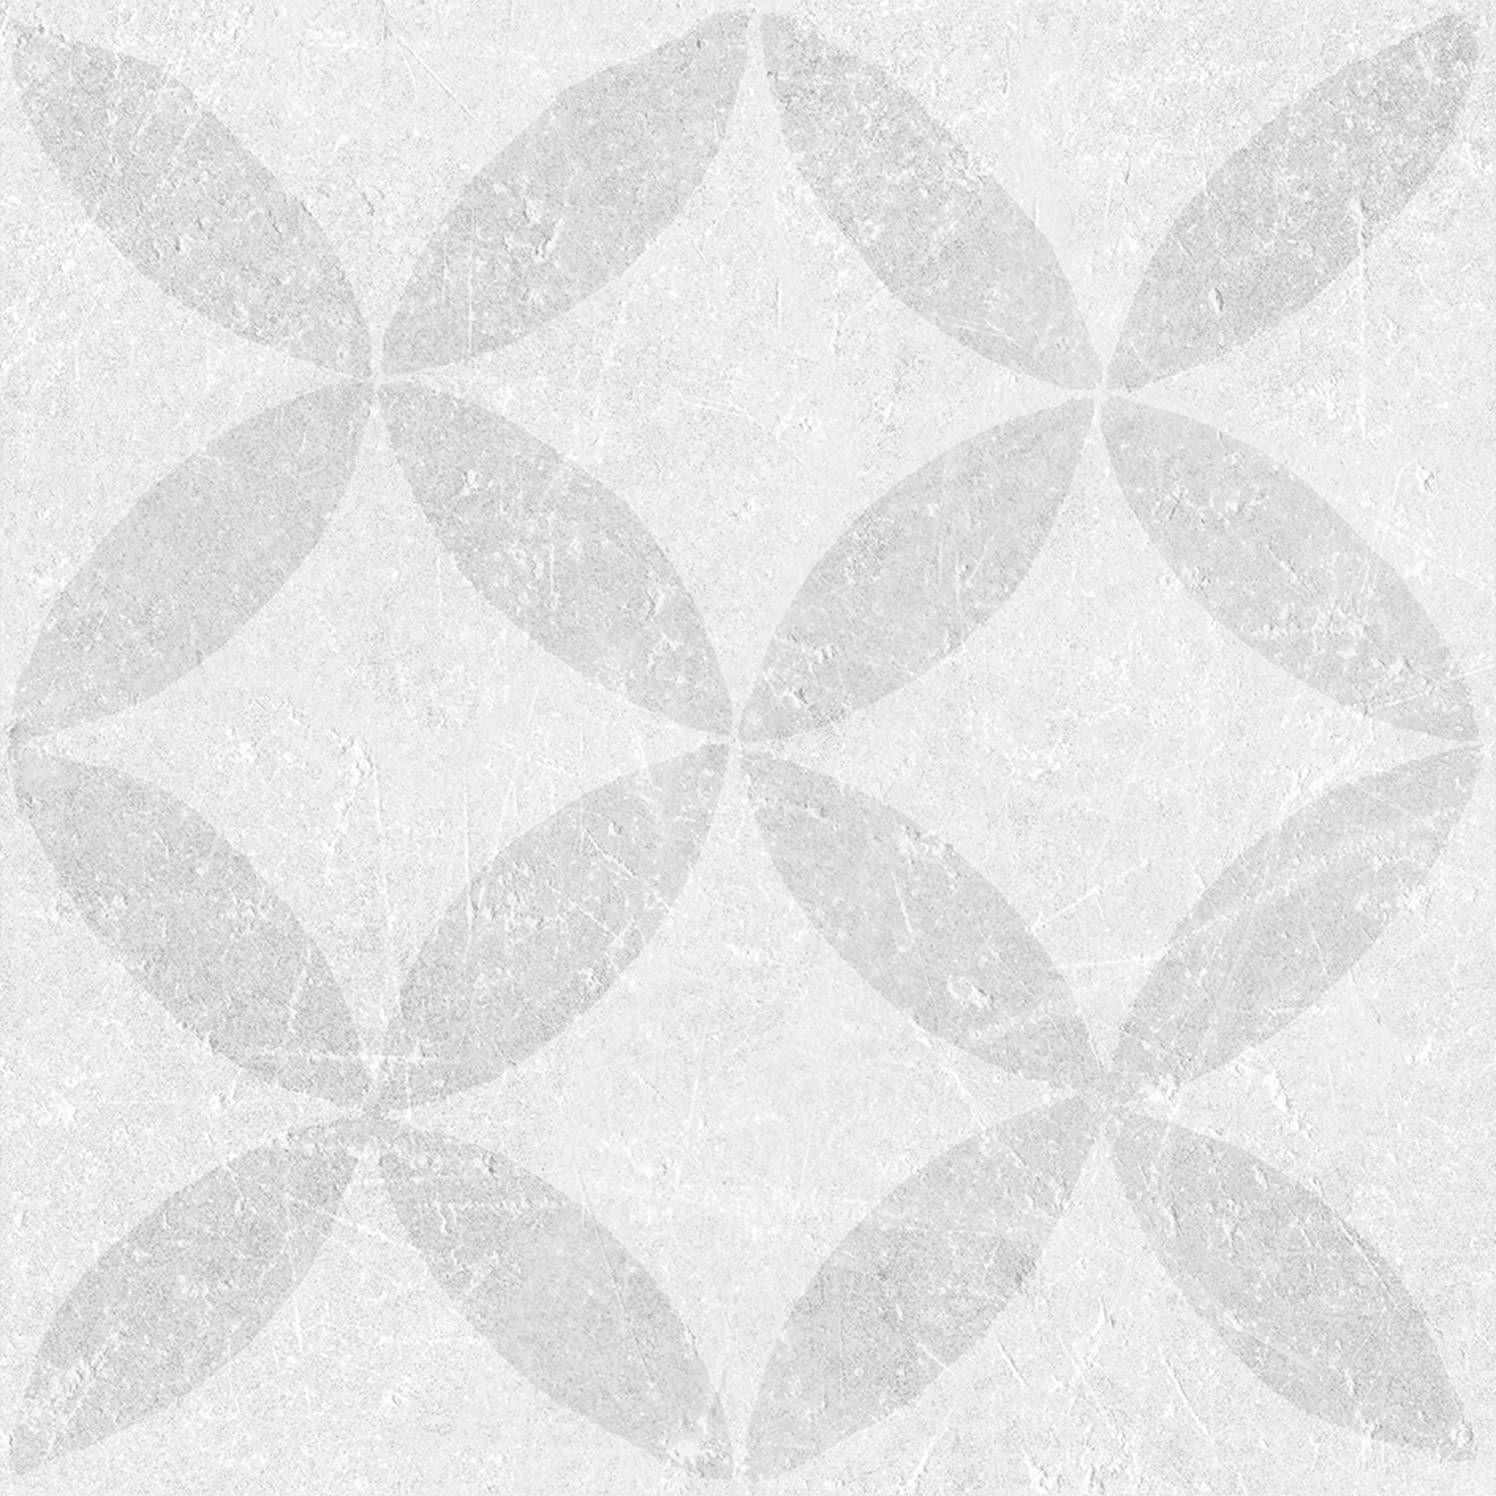 Универсальная плитка Cifre Decor Etana White 20х20 универсальная плитка cifre decor rim white 20х20